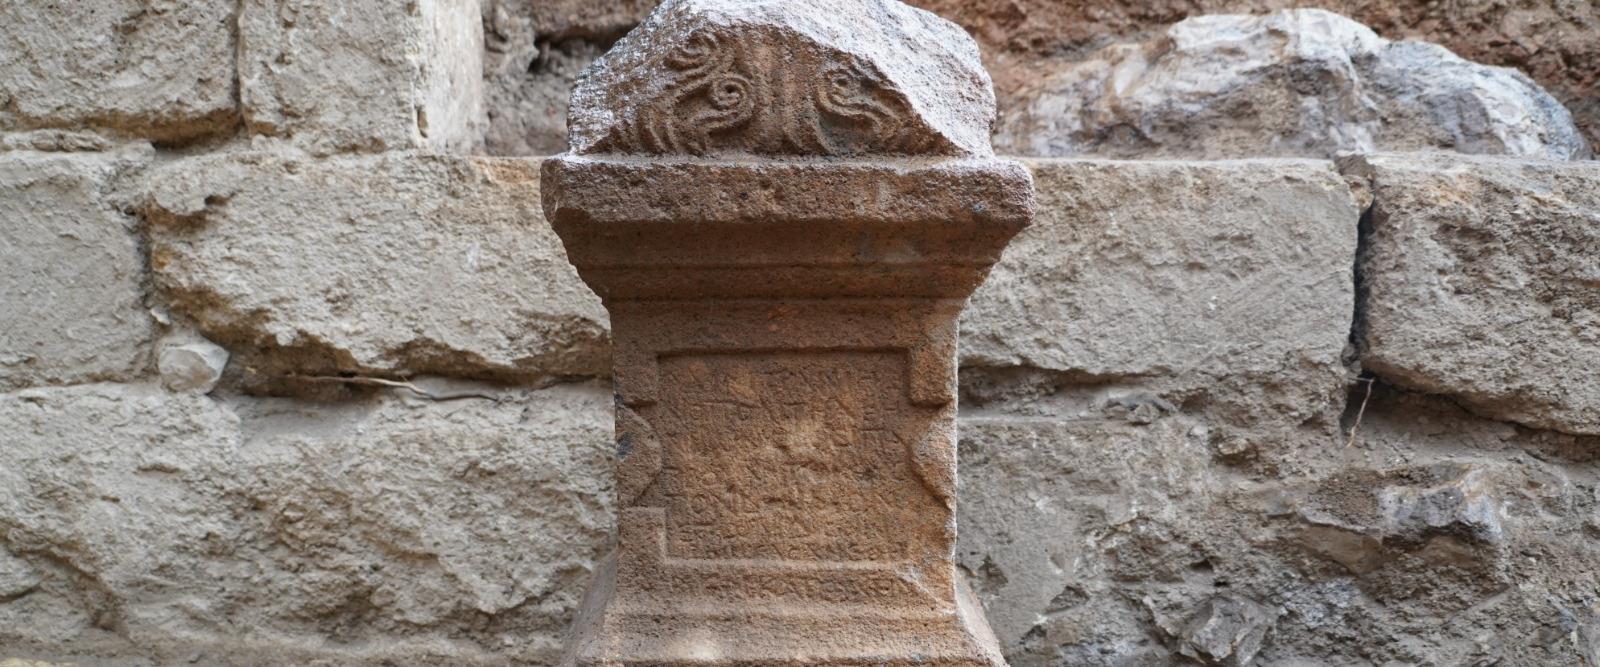 המזבח שנמצא בחפירה עם הכתובת היוונית